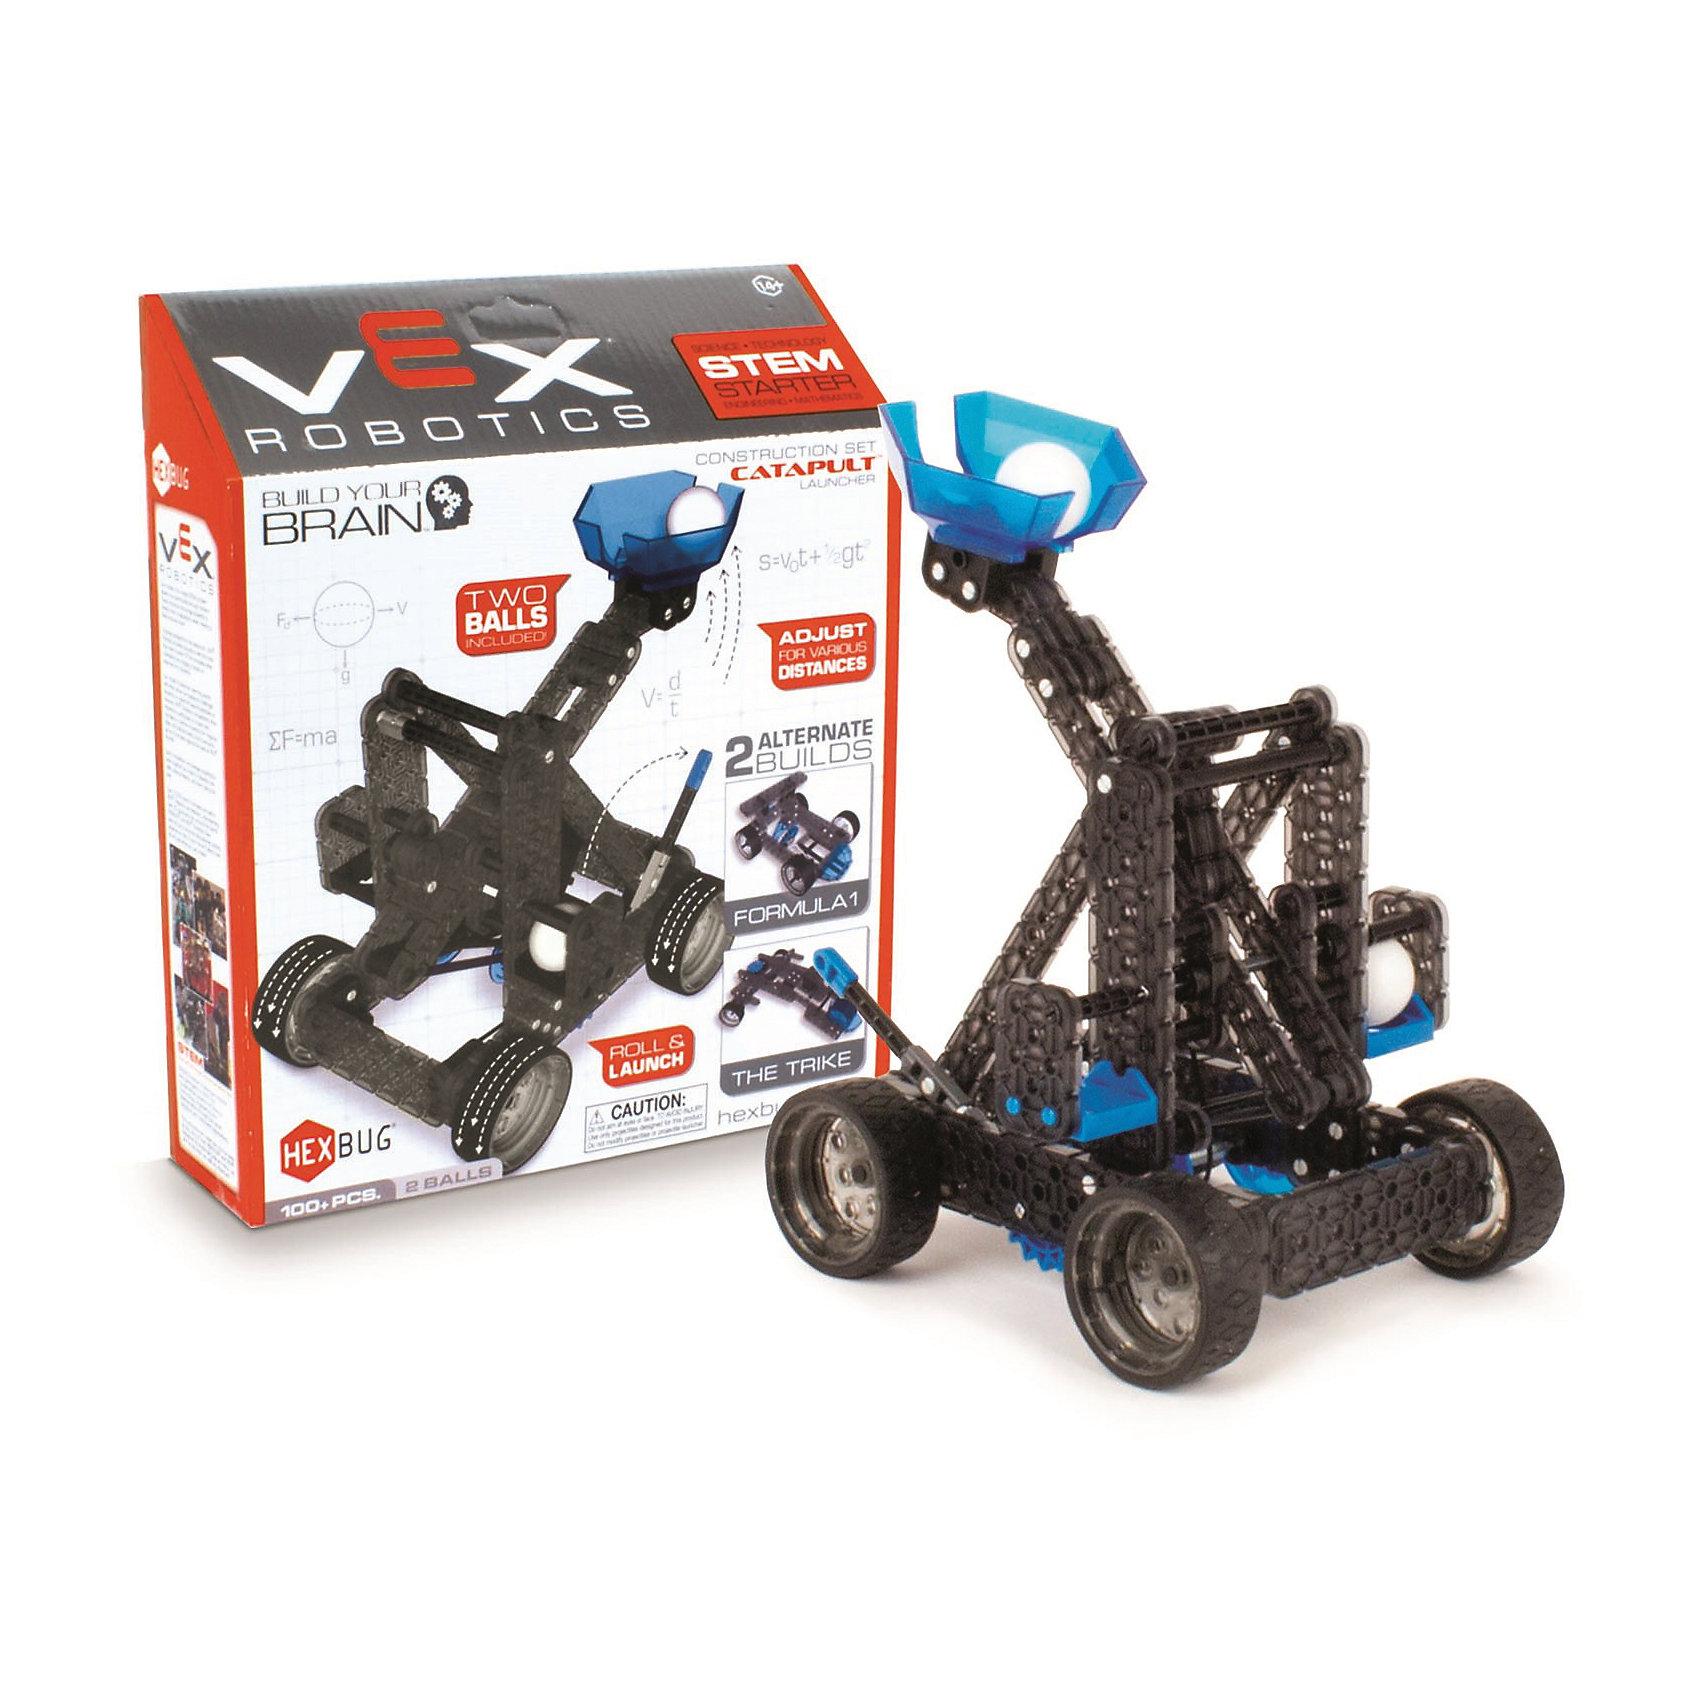 Конструктор VEX Catapult Launcher, 100 деталей, HexbugПластмассовые конструкторы<br>Конструктор VEX Catapult Launcher, 100 деталей, Hexbug (Хексбаг)<br><br>Характеристики:<br><br>• можно собрать катапульту или гоночные машины<br>• снаряды в комплекте<br>• прост в управлении<br>• дальность действия: до 3-х метров<br>• количество деталей: 100<br>• размер упаковки: 10х40х35 см<br>• вес: 430 грамм<br><br>Конструктор VEX Catapult Launcher позволит ребенку самостоятельно собрать уменьшенную копию настоящей средневековой катапульты. Помимо катапульты, можно собрать гоночные машины. Катапульта стреляет снарядами на расстояние до трех метров. Процесс игры познакомит ребенка с основами механики и физики. Catapult Launcher - отличный подарок для юных конструкторов.<br><br>Конструктор VEX Catapult Launcher, 100 деталей, Hexbug (Хексбаг) можно купить в нашем интернет-магазине.<br><br>Ширина мм: 270<br>Глубина мм: 60<br>Высота мм: 230<br>Вес г: 426<br>Возраст от месяцев: 36<br>Возраст до месяцев: 2147483647<br>Пол: Унисекс<br>Возраст: Детский<br>SKU: 5507204